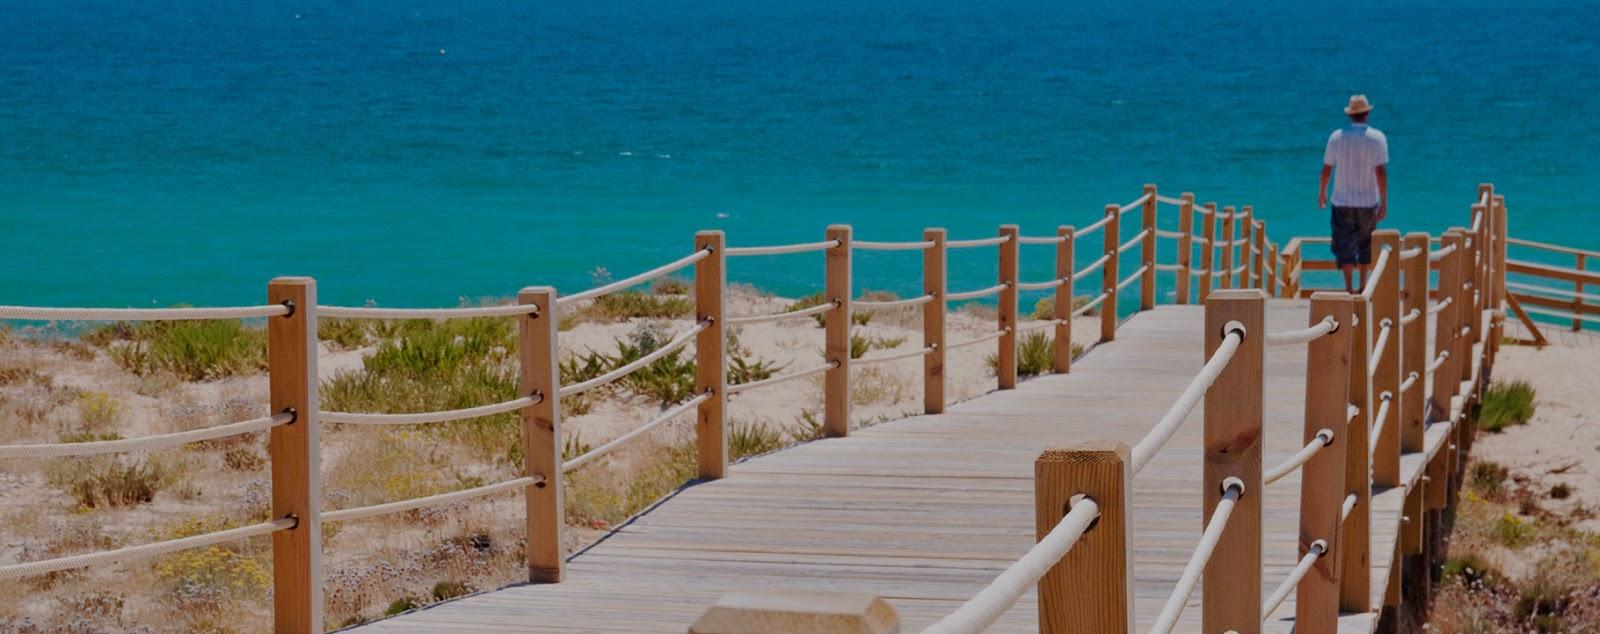 Nau Salgados Palm Village Discover The Algarve All Inclusive Hotel